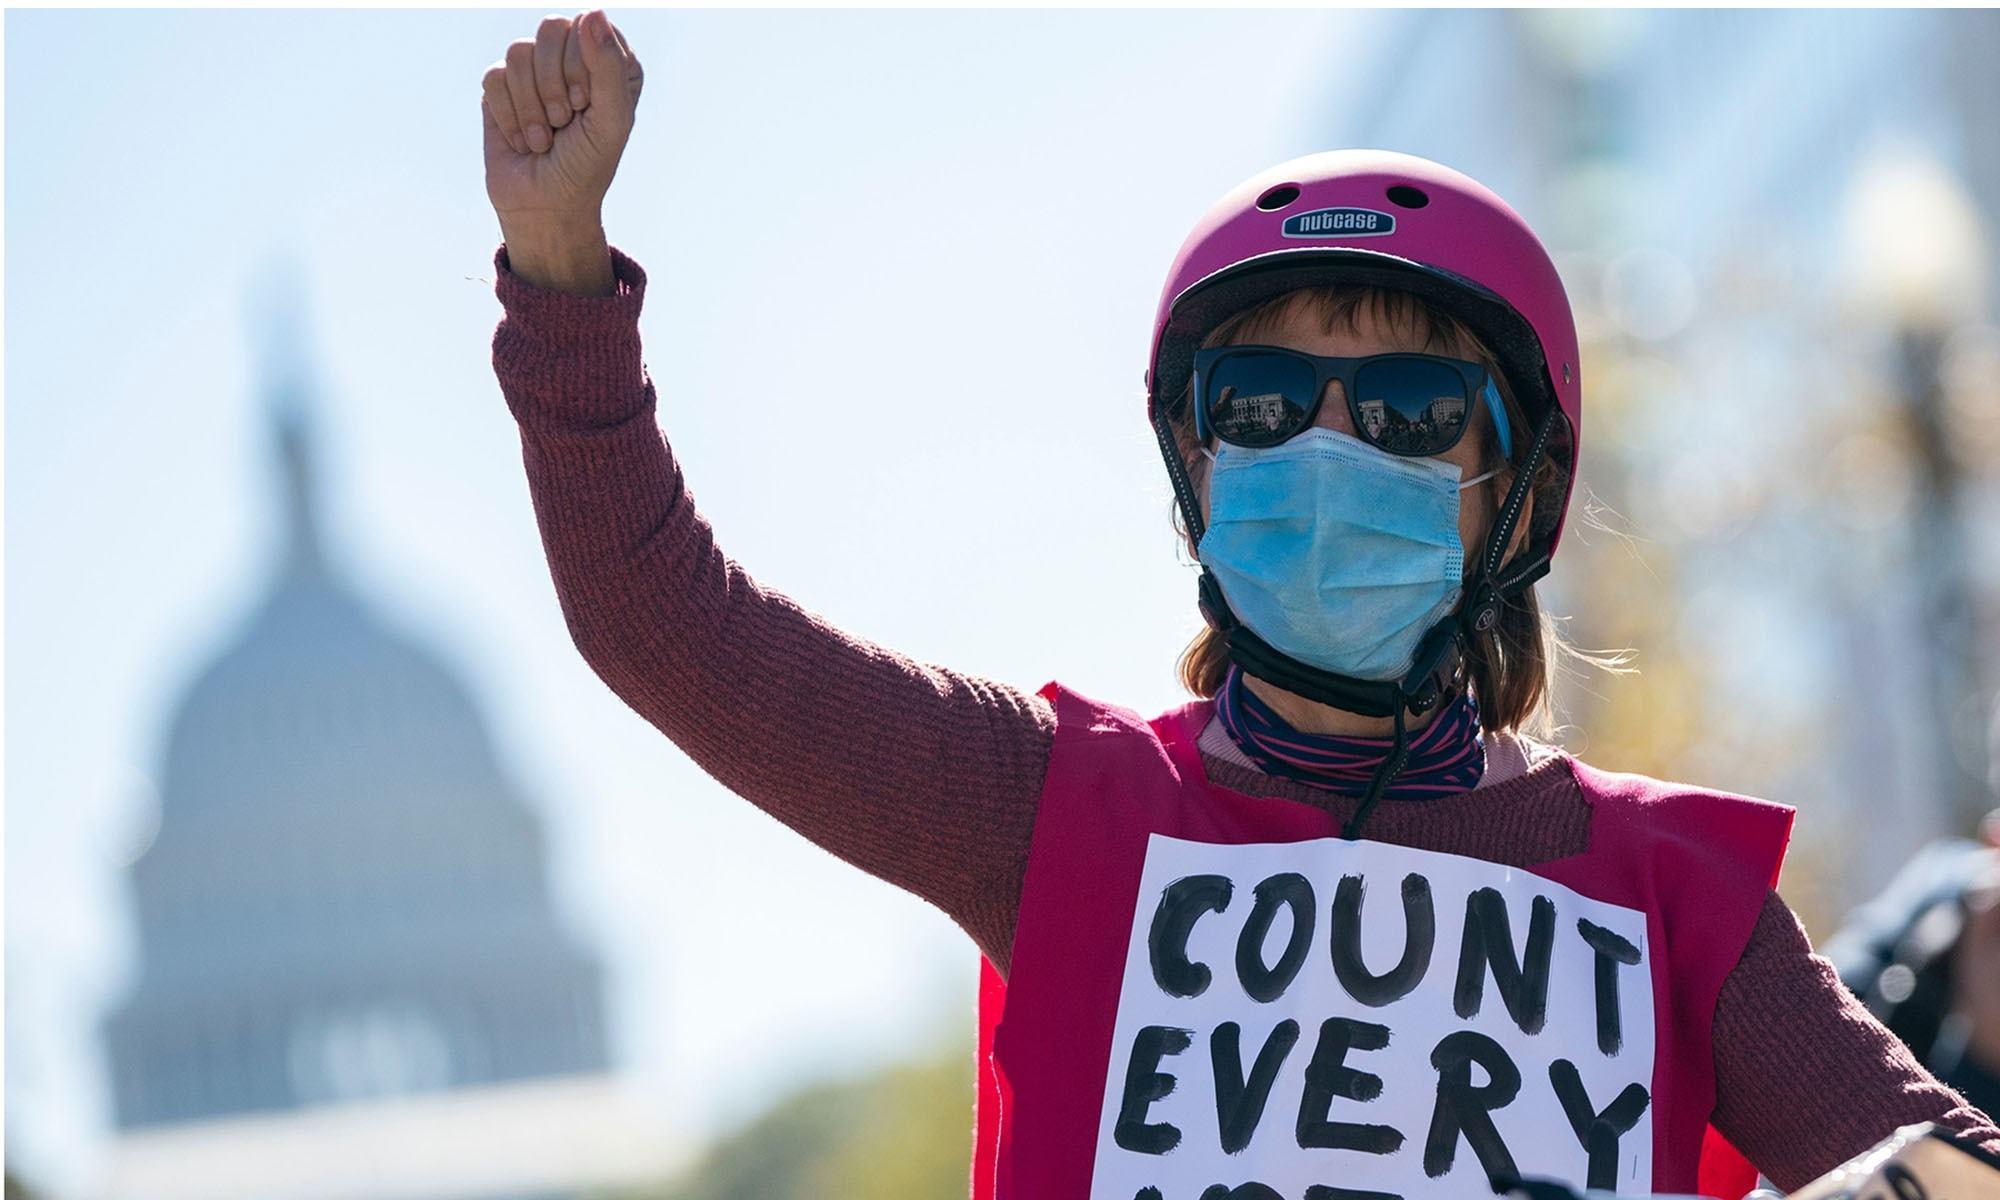 امریکی صدارتی انتخاب: جو بائیڈن کامیابی کے بہت قریب، ٹرمپ کا دھوکے کا الزام